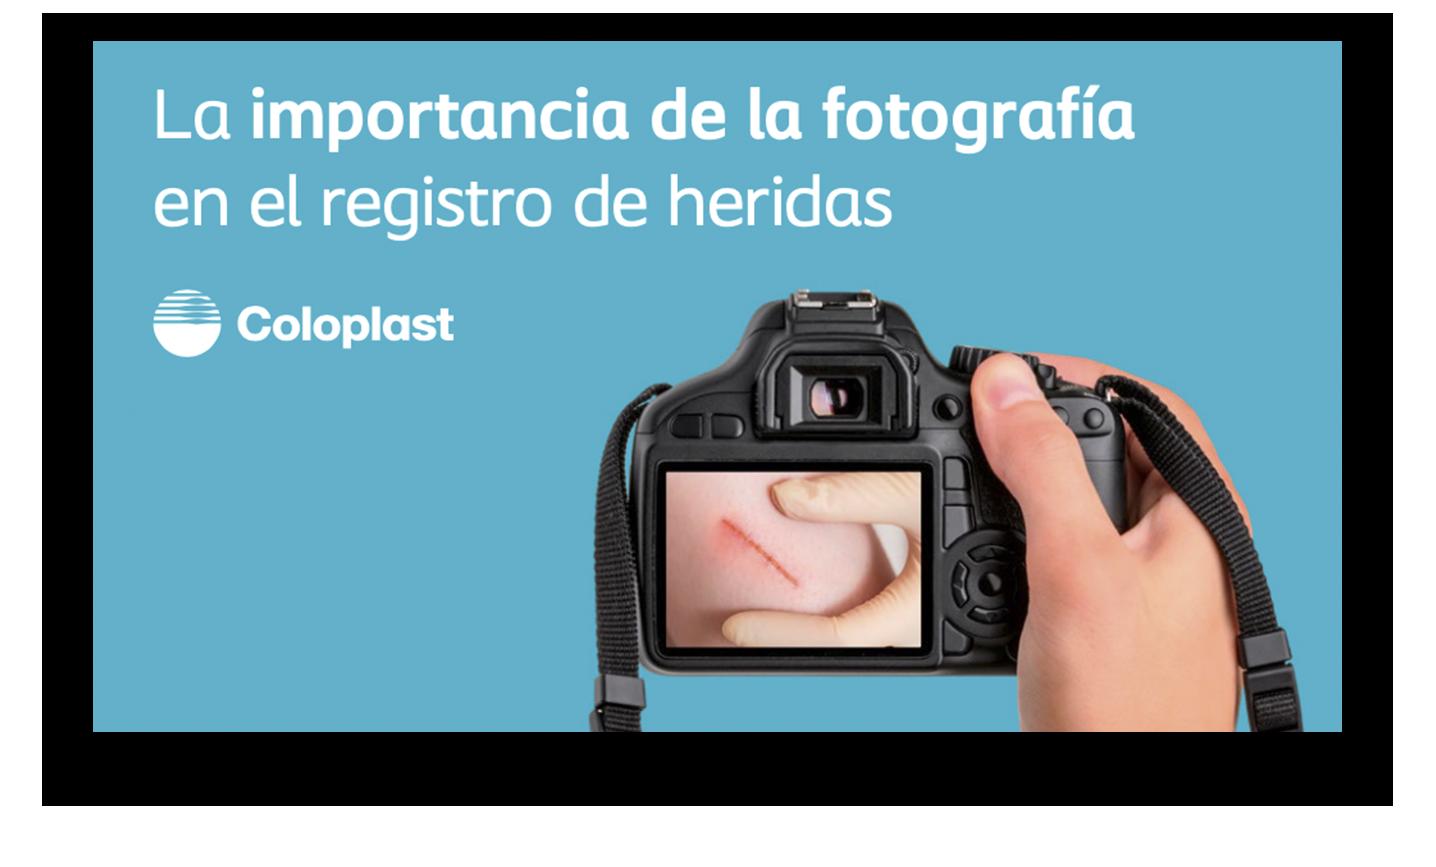 La importancia de la fotografia en el registro de heridas